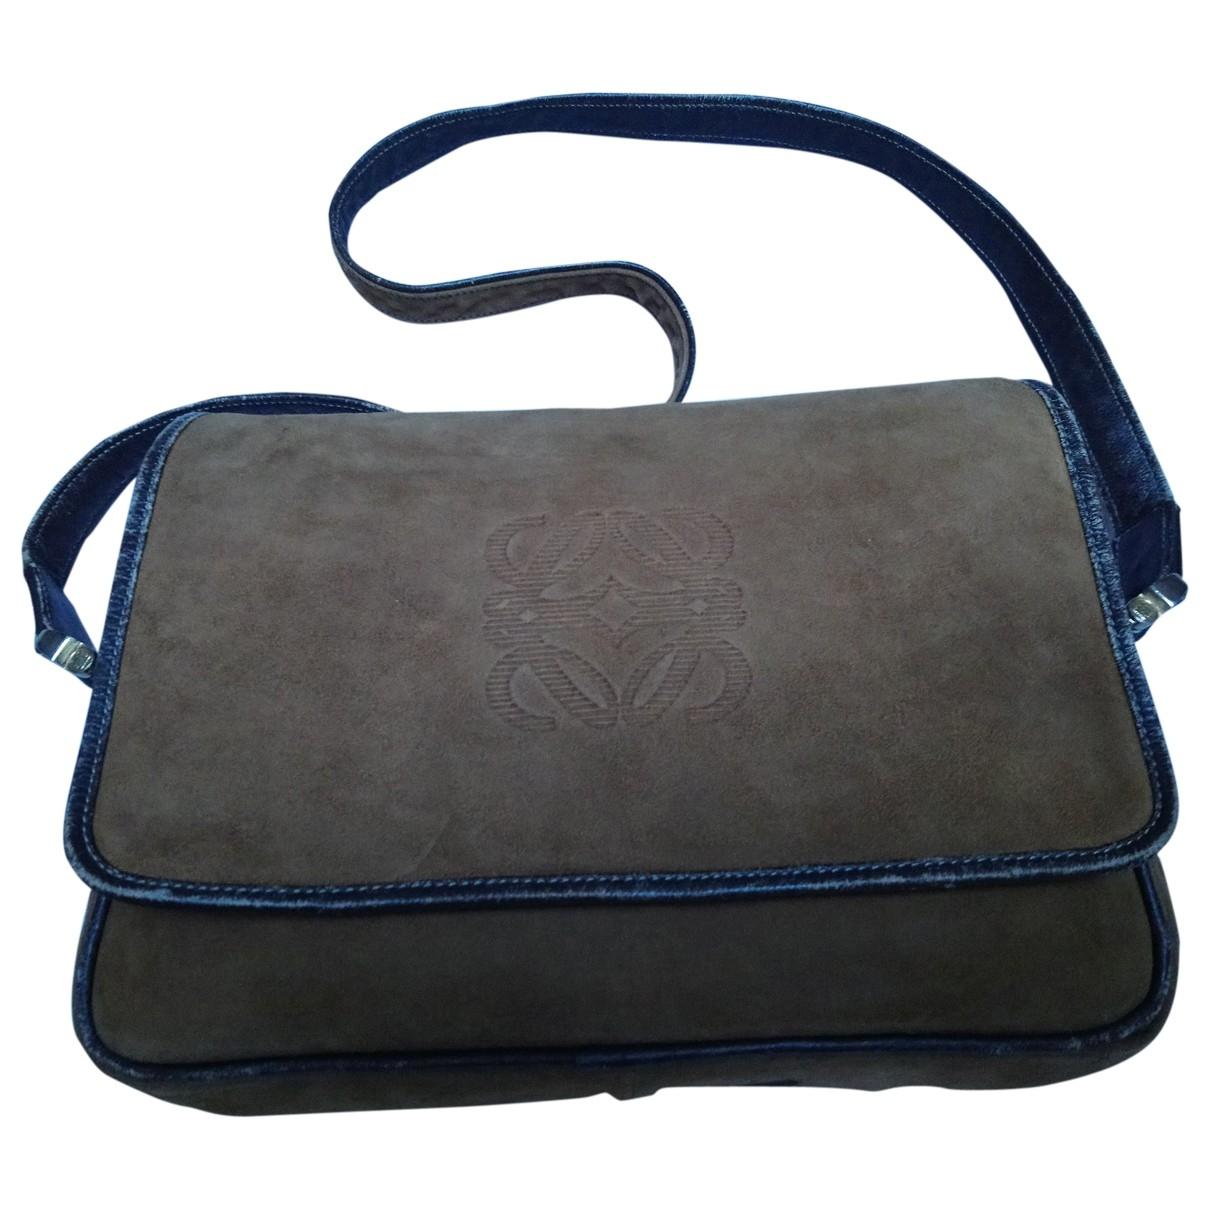 Loewe \N Camel Suede handbag for Women \N